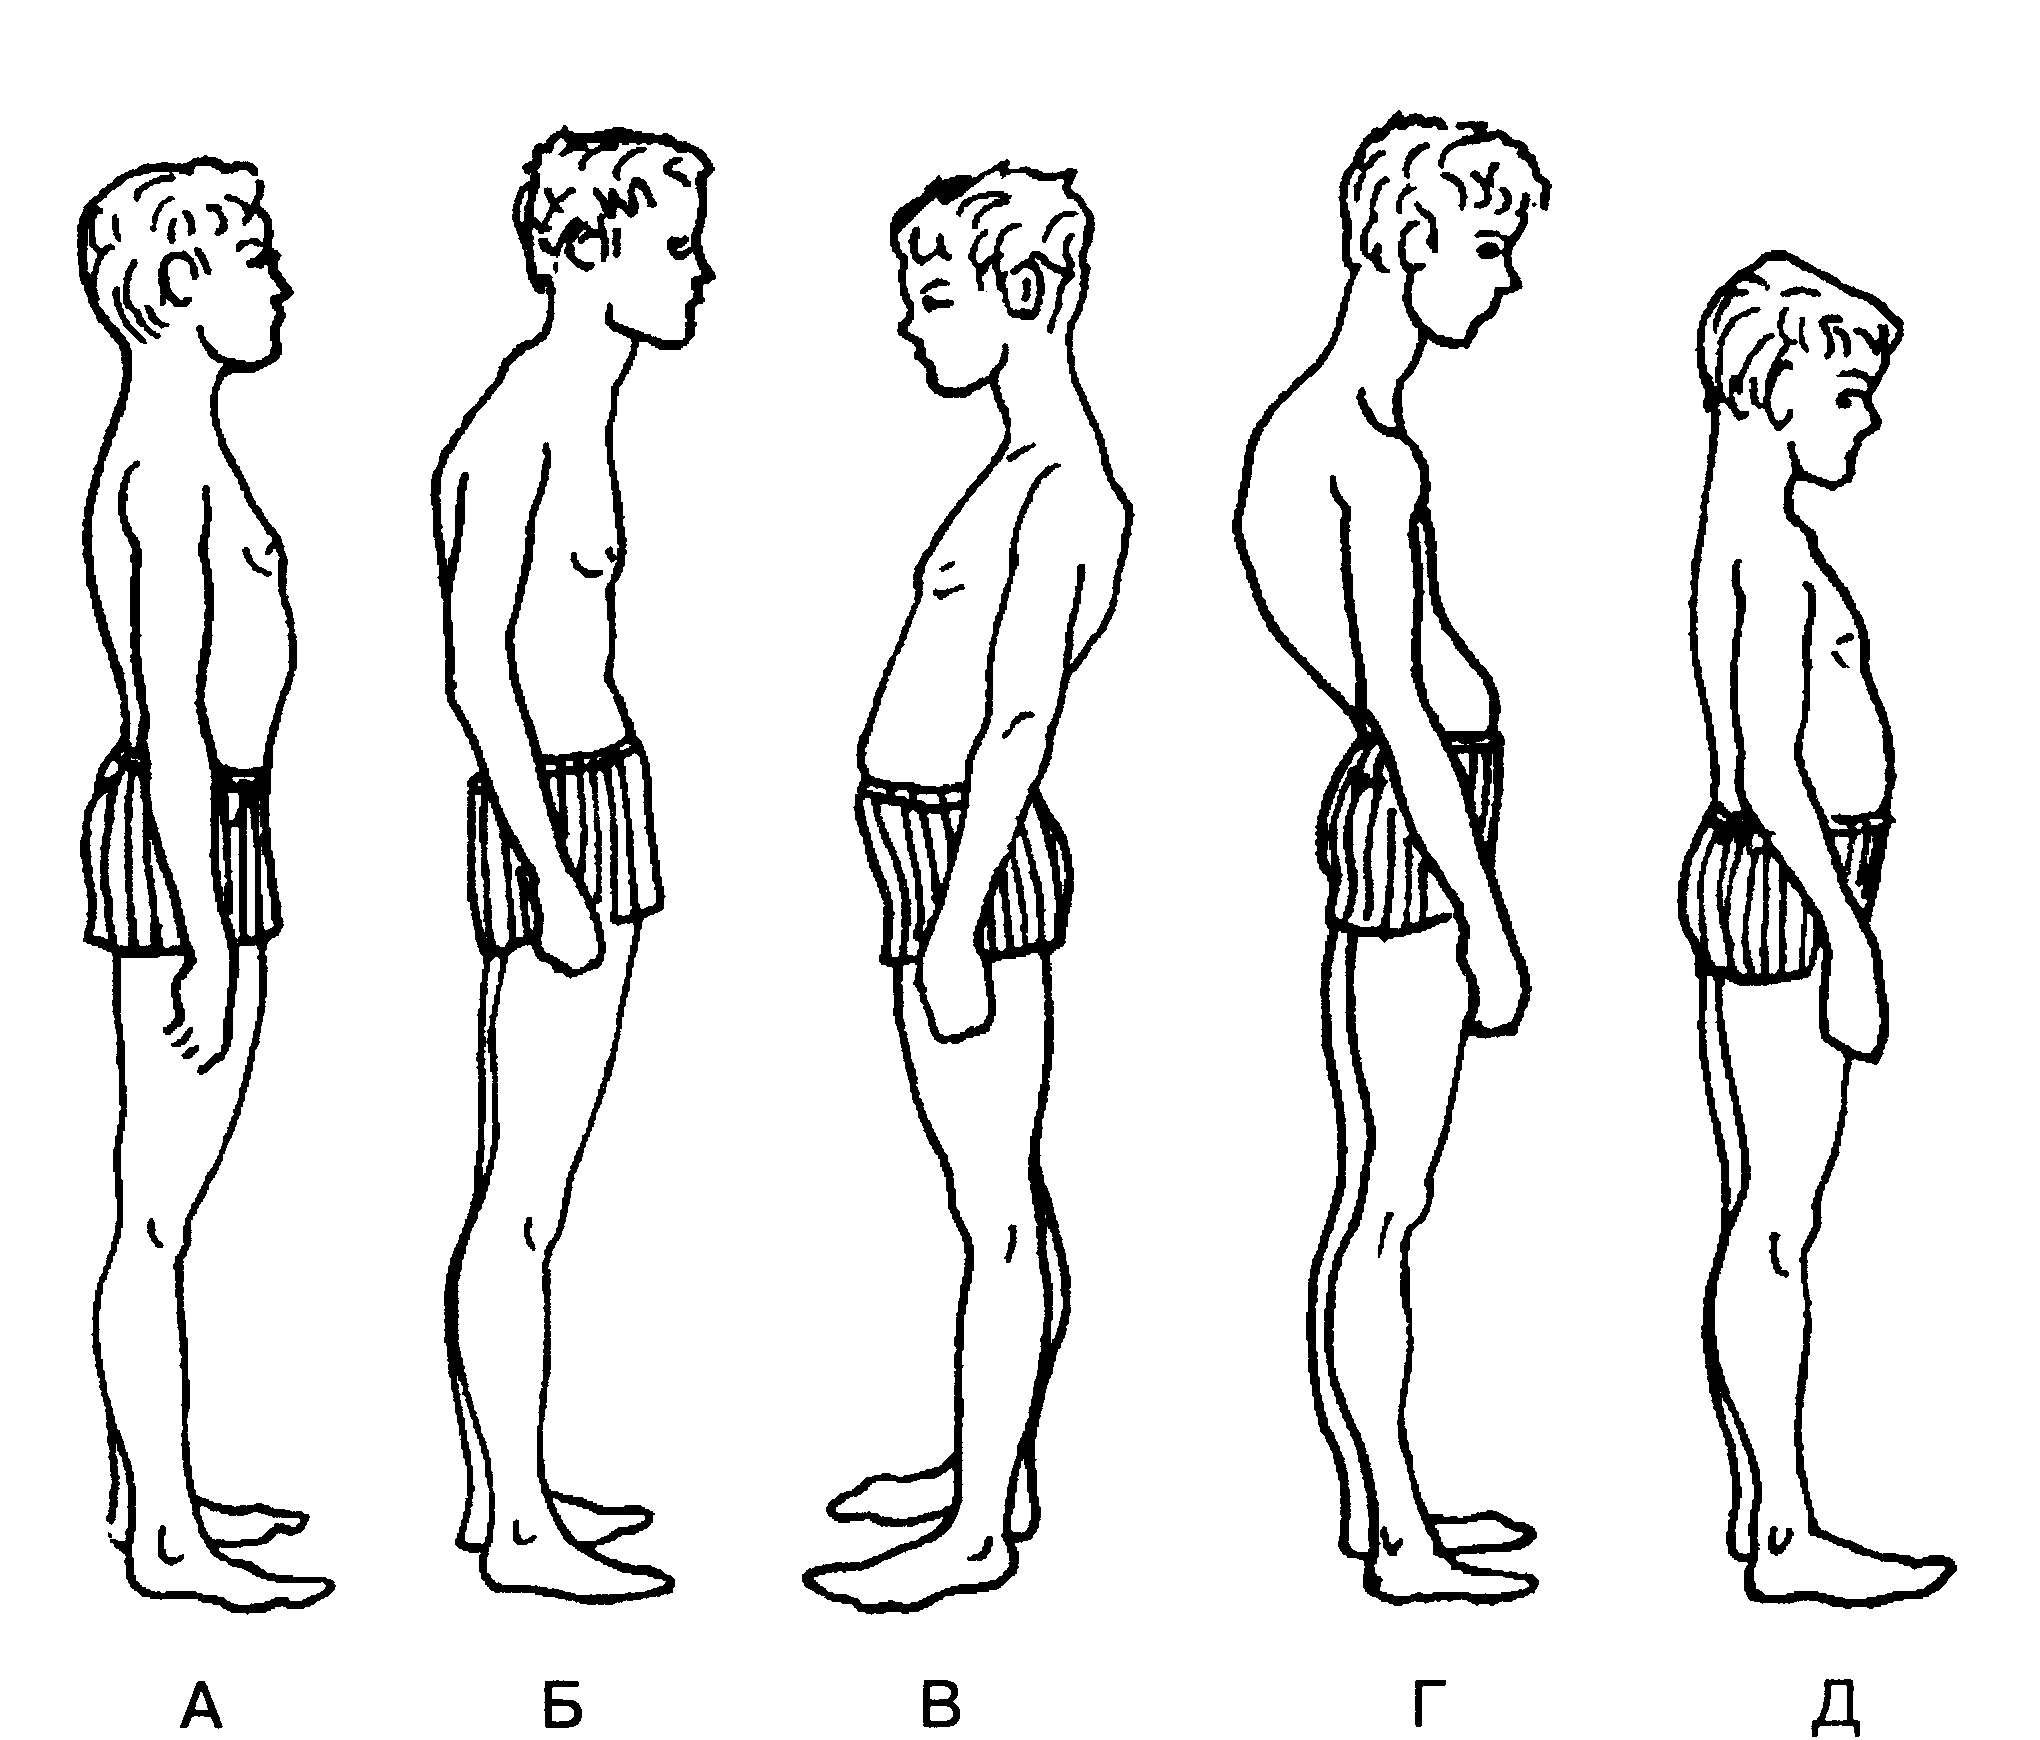 Основы методики оценки и коррекции телосложения реферат 5341